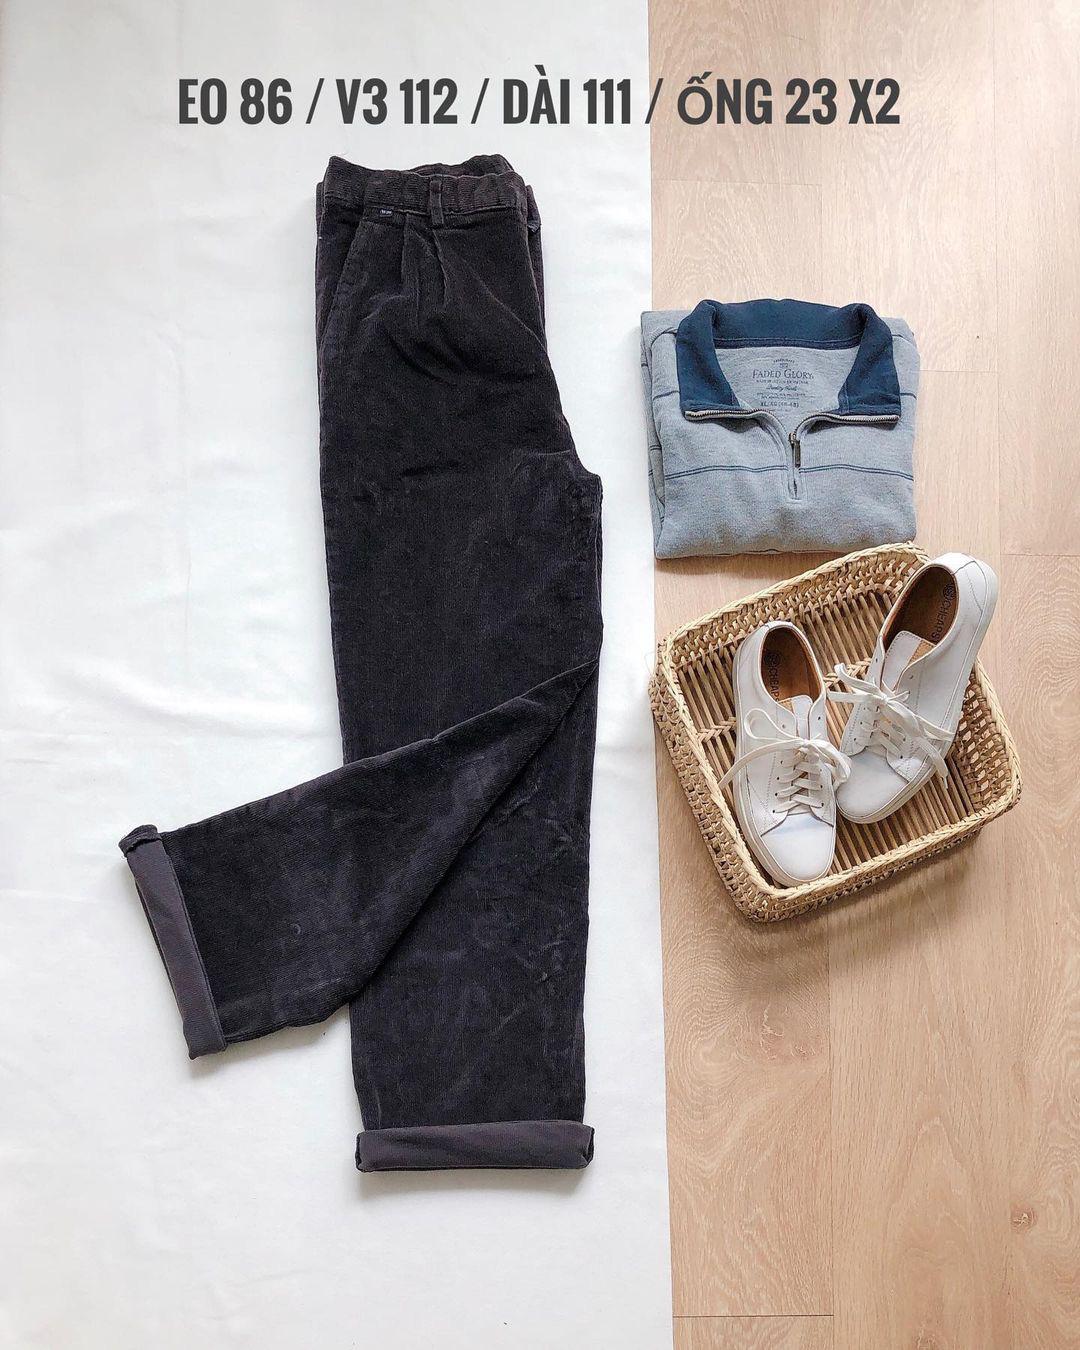 Trời rét nên mua quần nhung tăm: Giá chỉ từ 130K mặc vừa ấm vừa xinh - Ảnh 6.